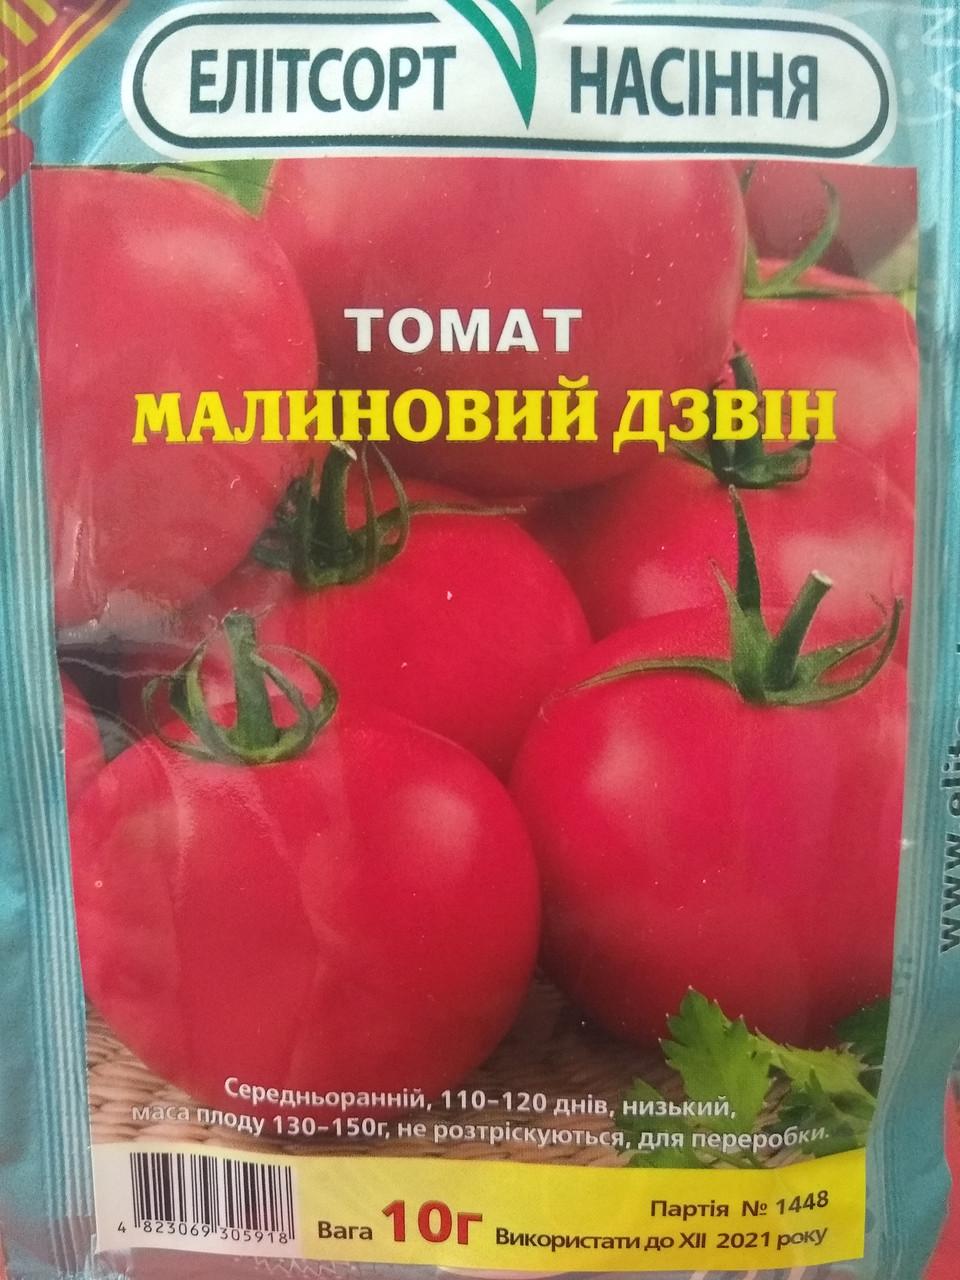 Насіння томату середньораннього низькорослий рожевий сорт Малиновий дзвін 10 грам Агрофірма Элитсортнасиння я